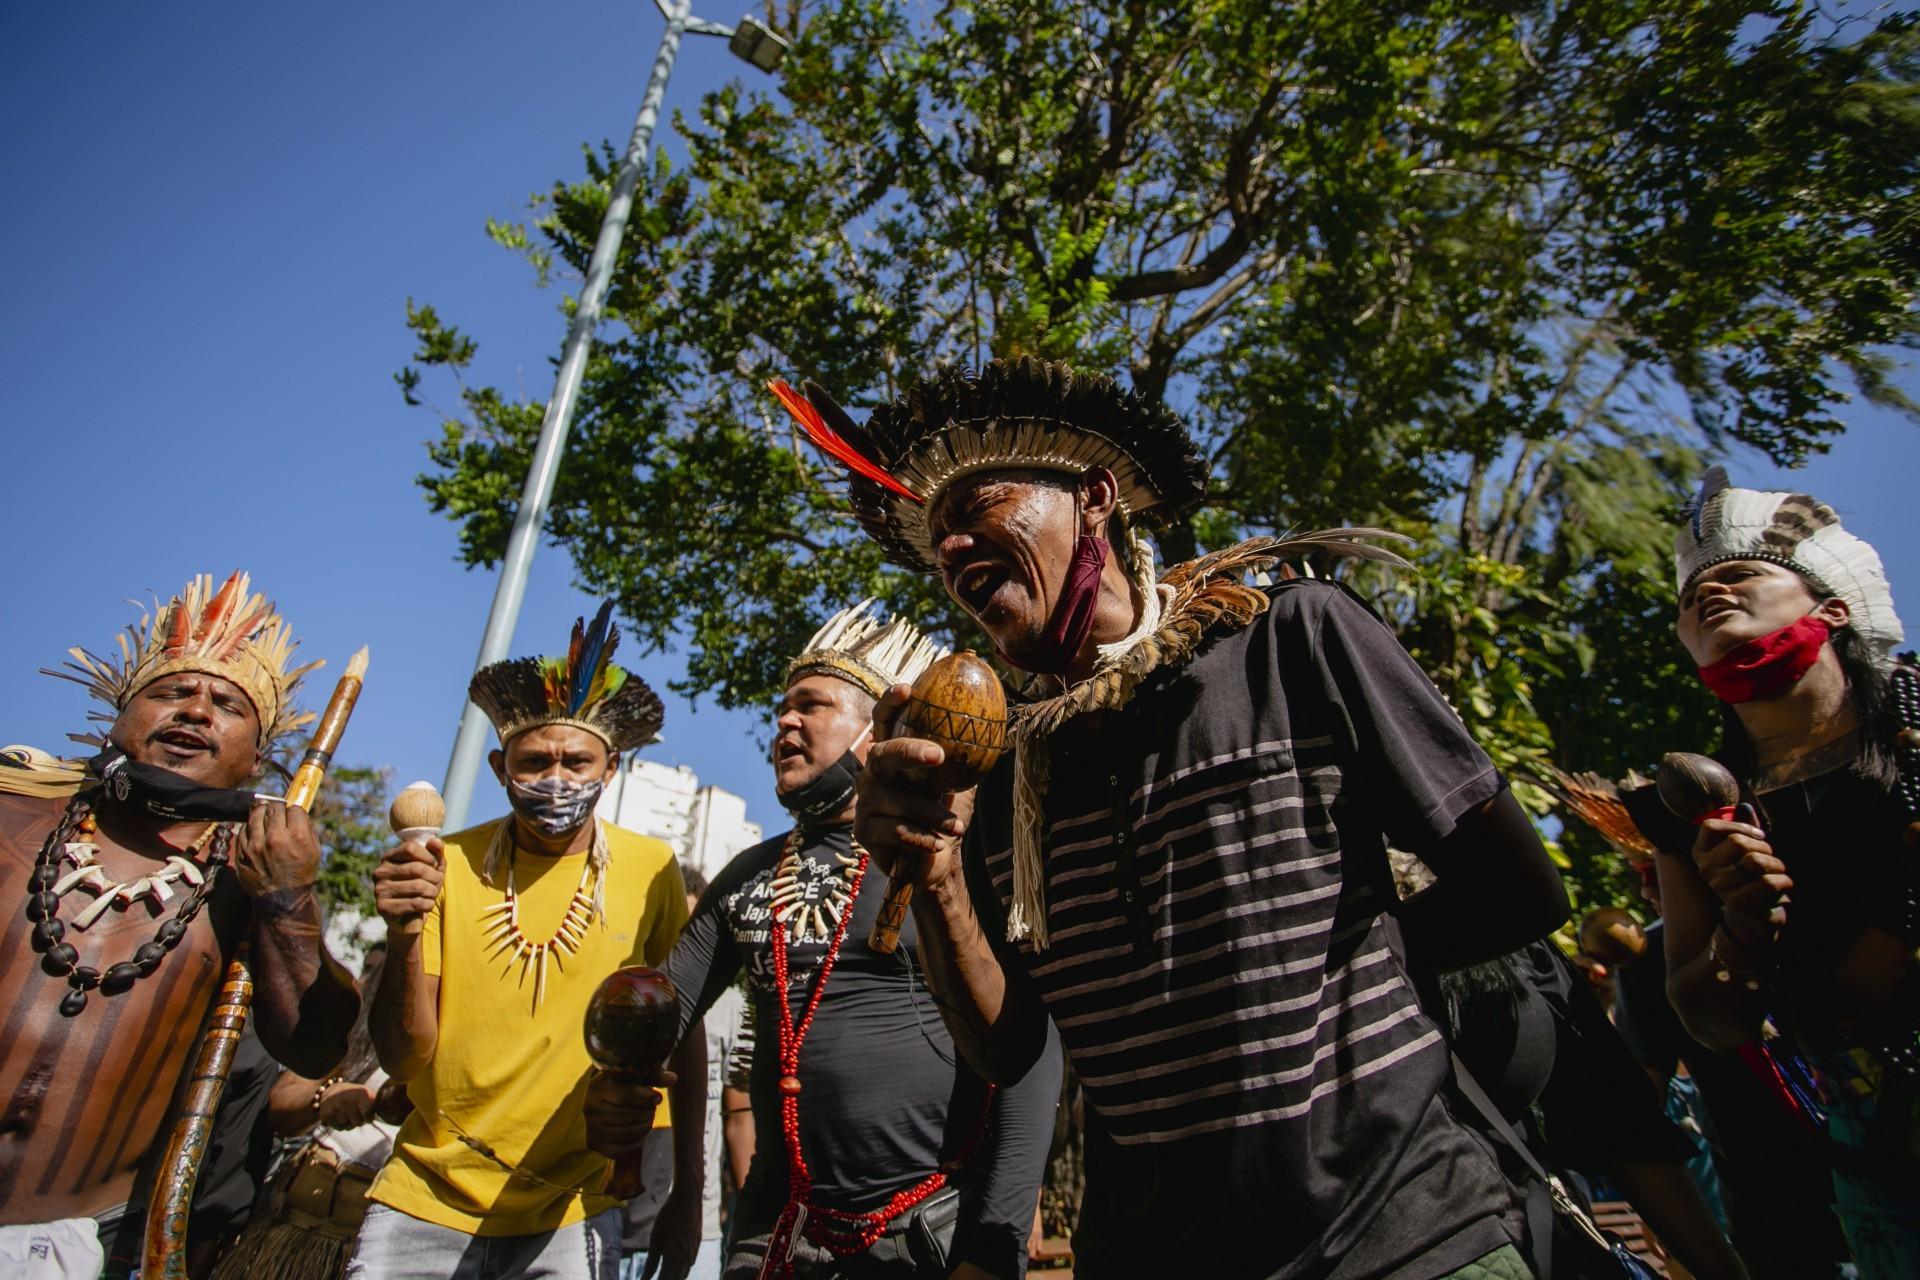 REPRESENTANTES de pelo menos 6 etnias no Ceará realizaram ato na última quarta-feira em Fortaleza, Crateús e Itarema (Foto: Aurélio Alves)